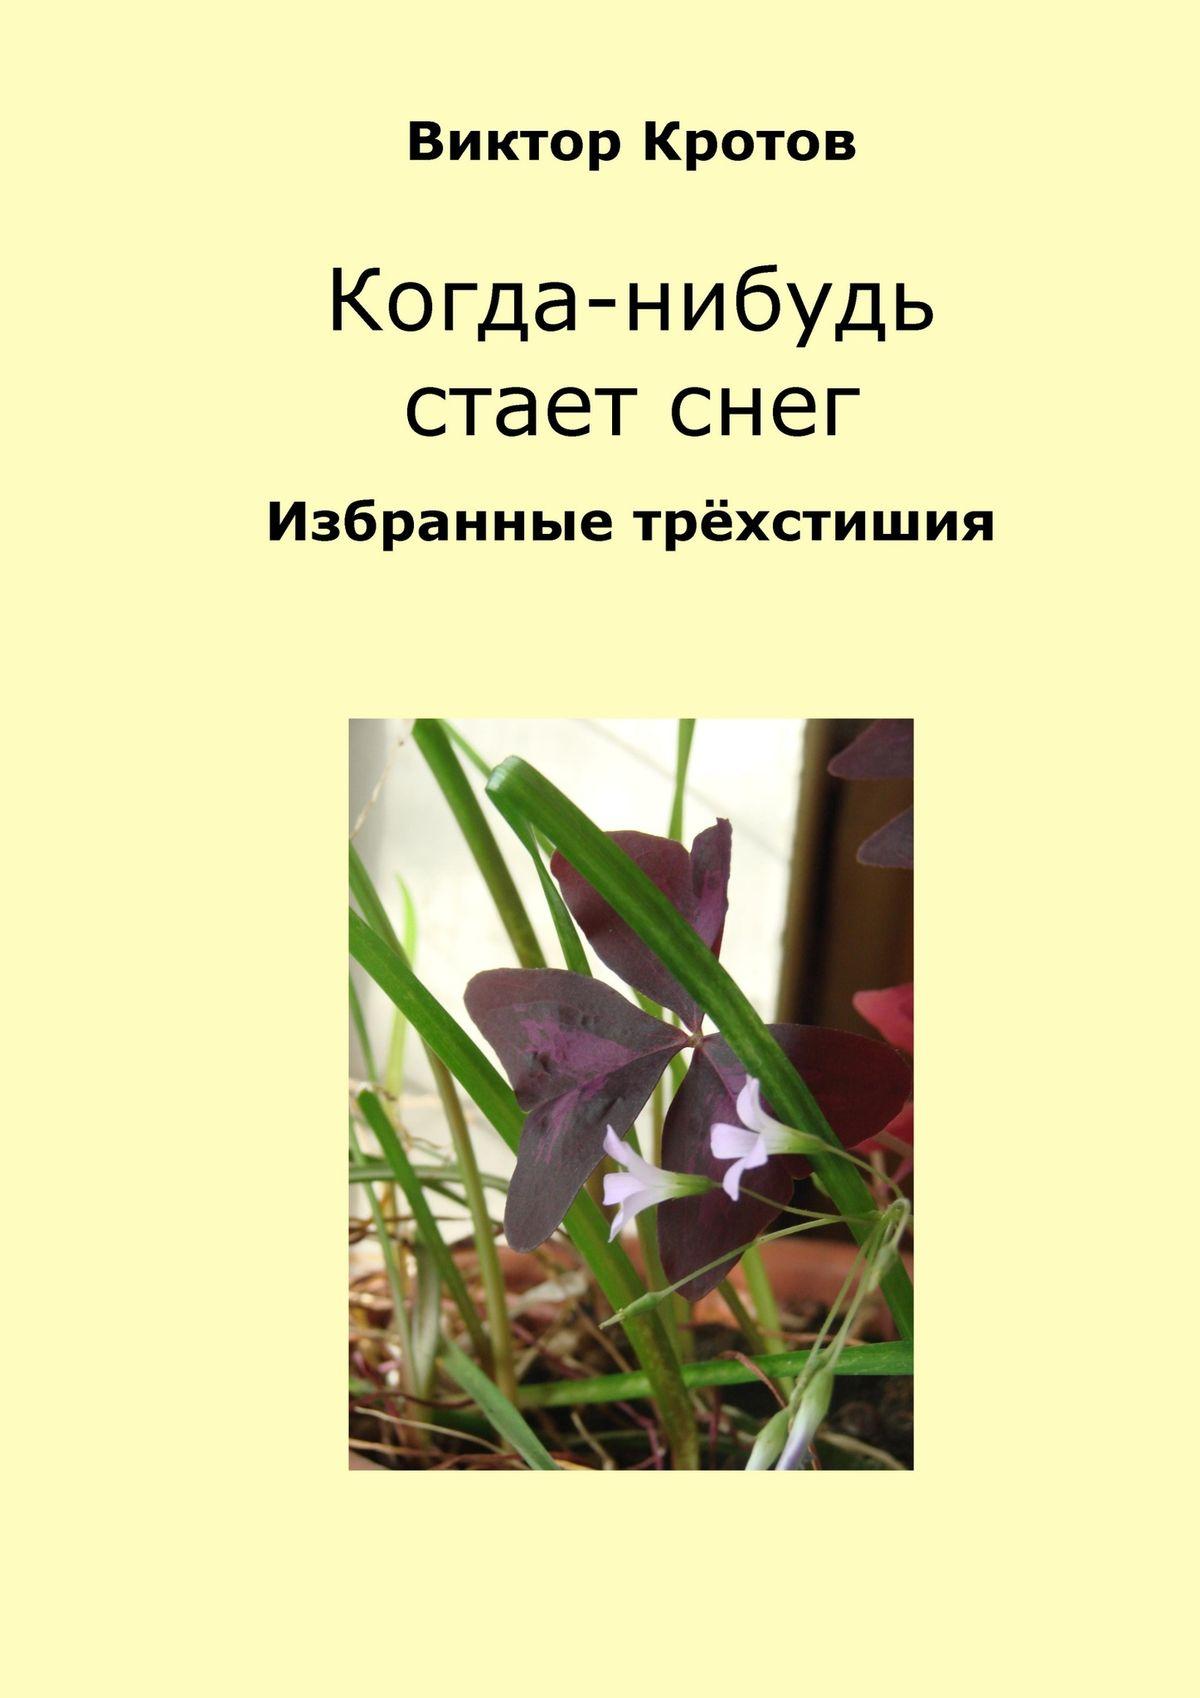 цена Виктор Гаврилович Кротов Когда-нибудь стает снег. Избранные трёхстишия